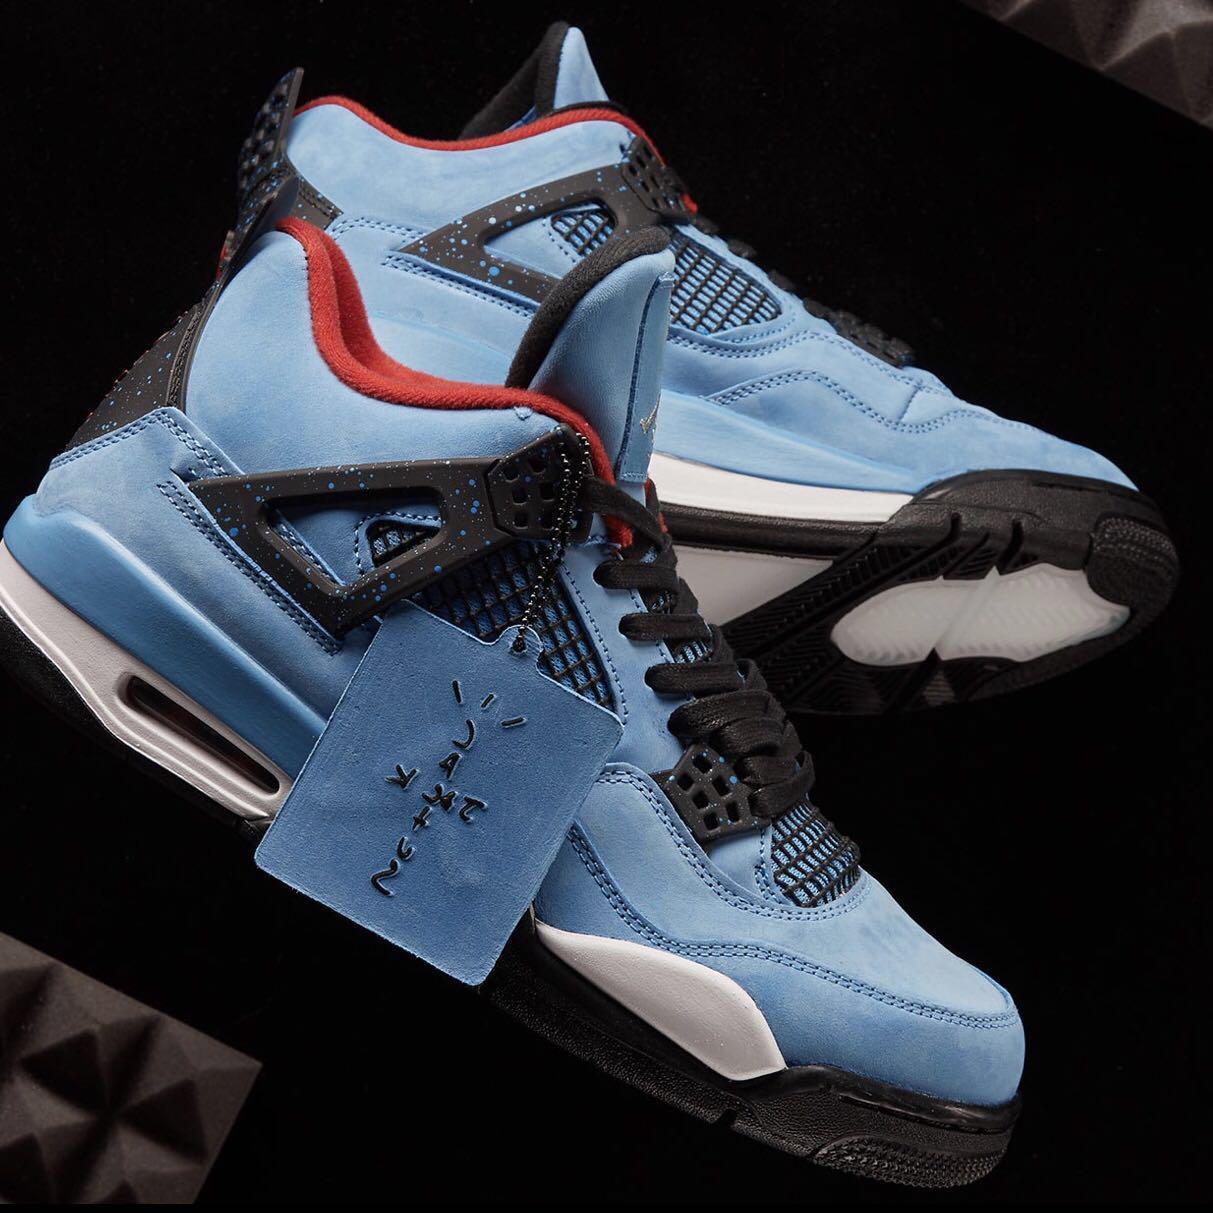 """letra Ponte de pie en su lugar recoger  US 8.5-10.5 Travis Scott x Nike Air Jordan 4 """"Cactus Jack"""" CONFIRMED PAIRS,  Men's Fashion, Footwear, Sneakers on Carousell"""